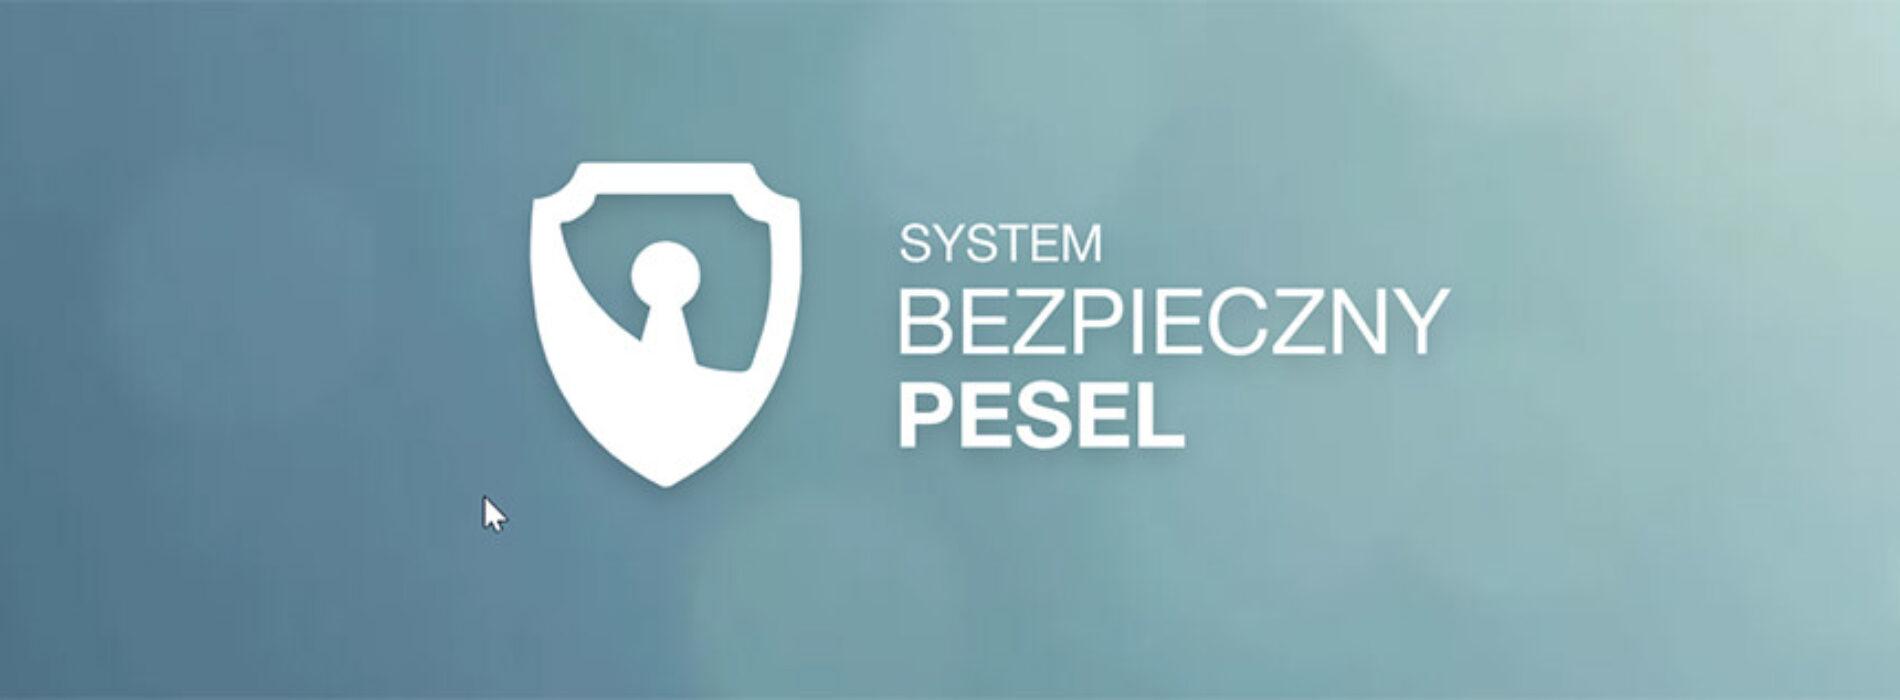 System Bezpieczny PESEL – zabezpiecz się wyłudzeniem pożyczki